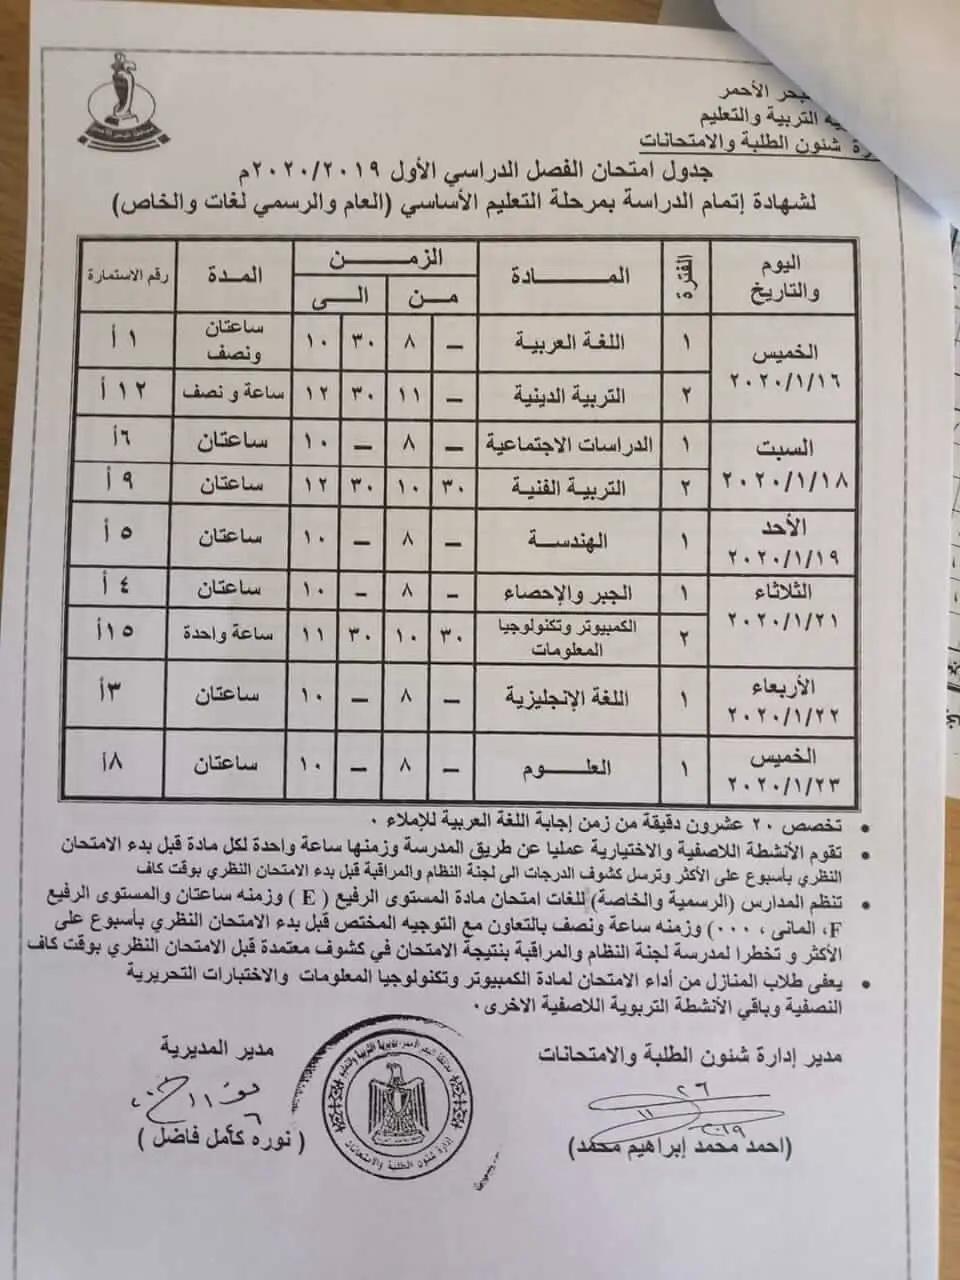 جدول امتحانات الشهادة الاعدادية الترم الأول 2020 جميع محافظات مصر 7